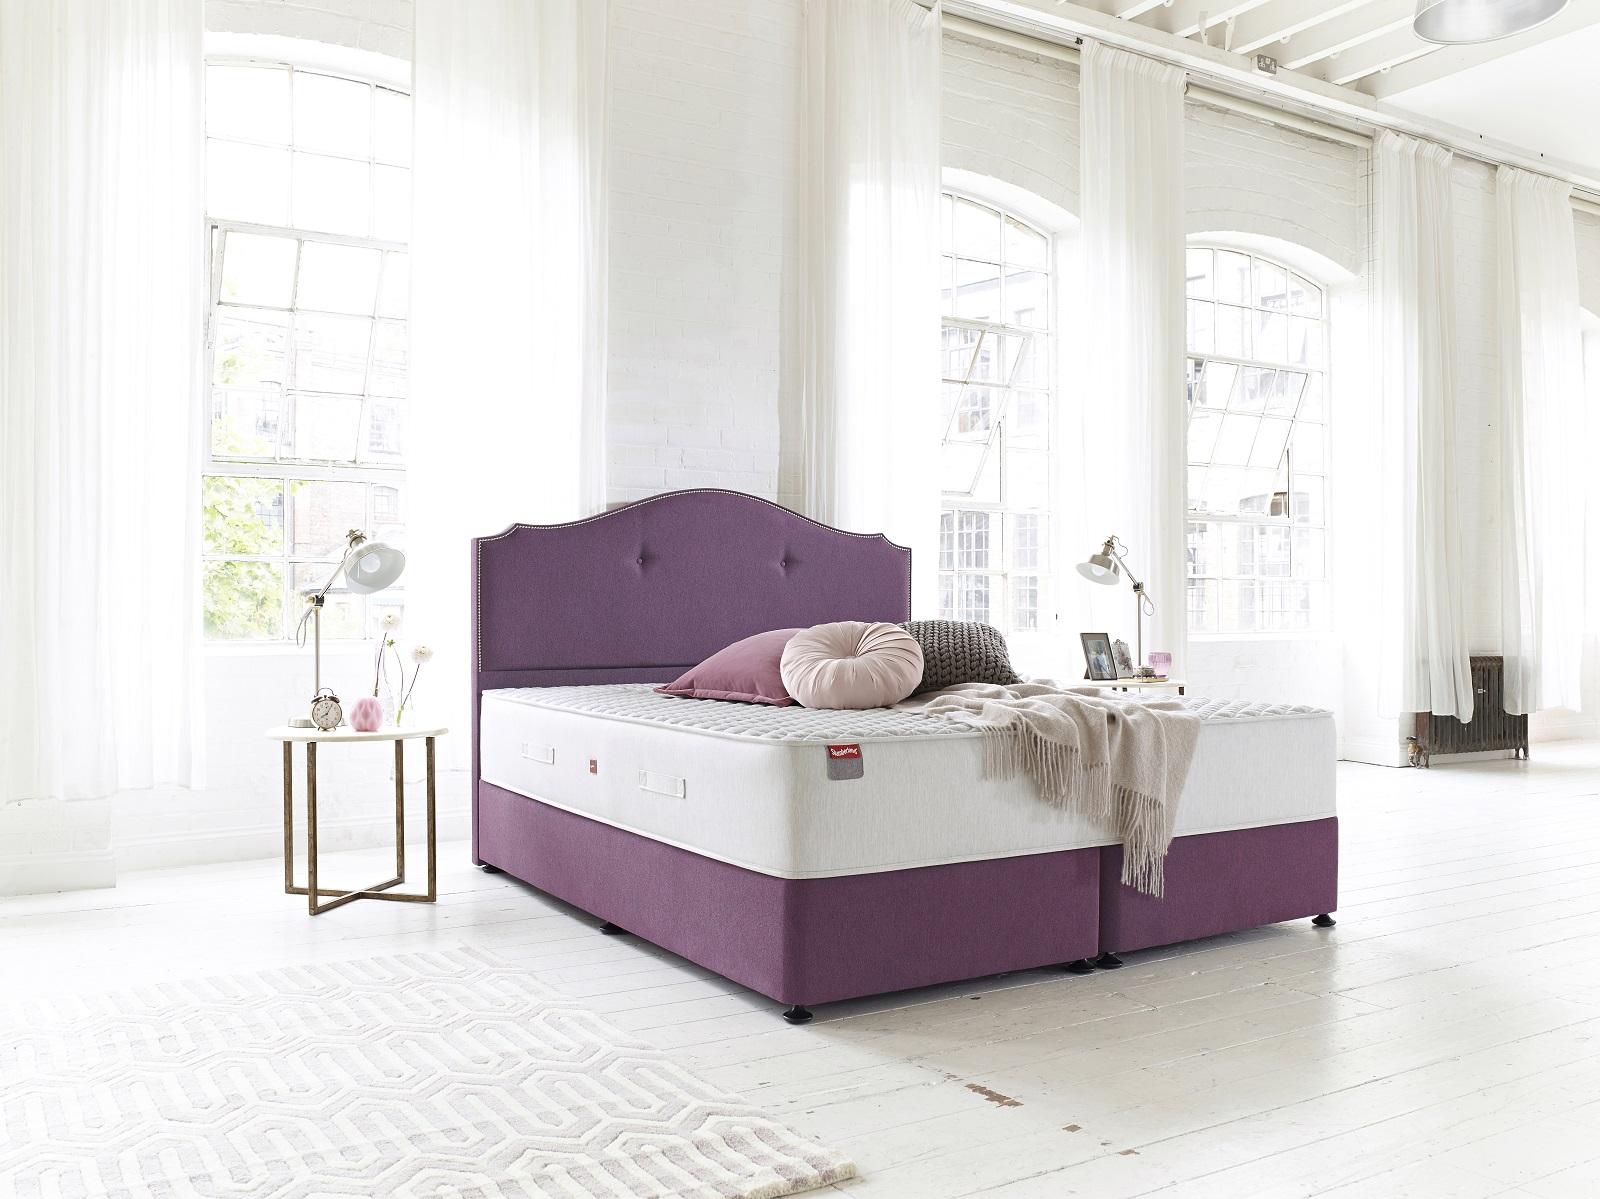 Slumberland Bedroom Furniture Slumberland Mattresses Michael Oconnor Furniture